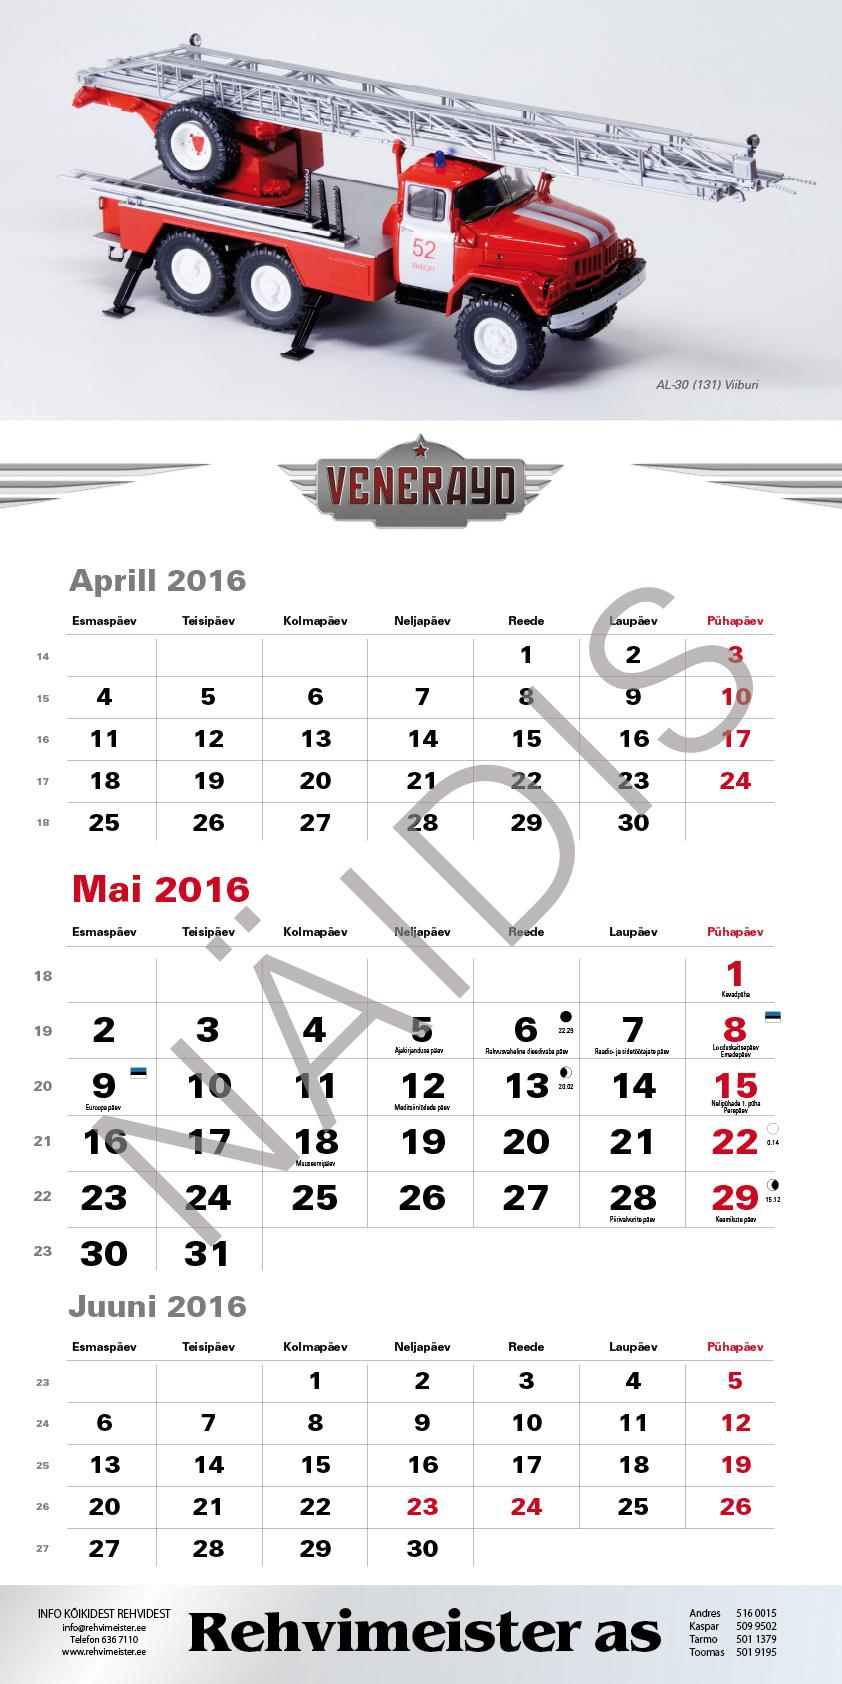 Veneraud_kalender_2016_6